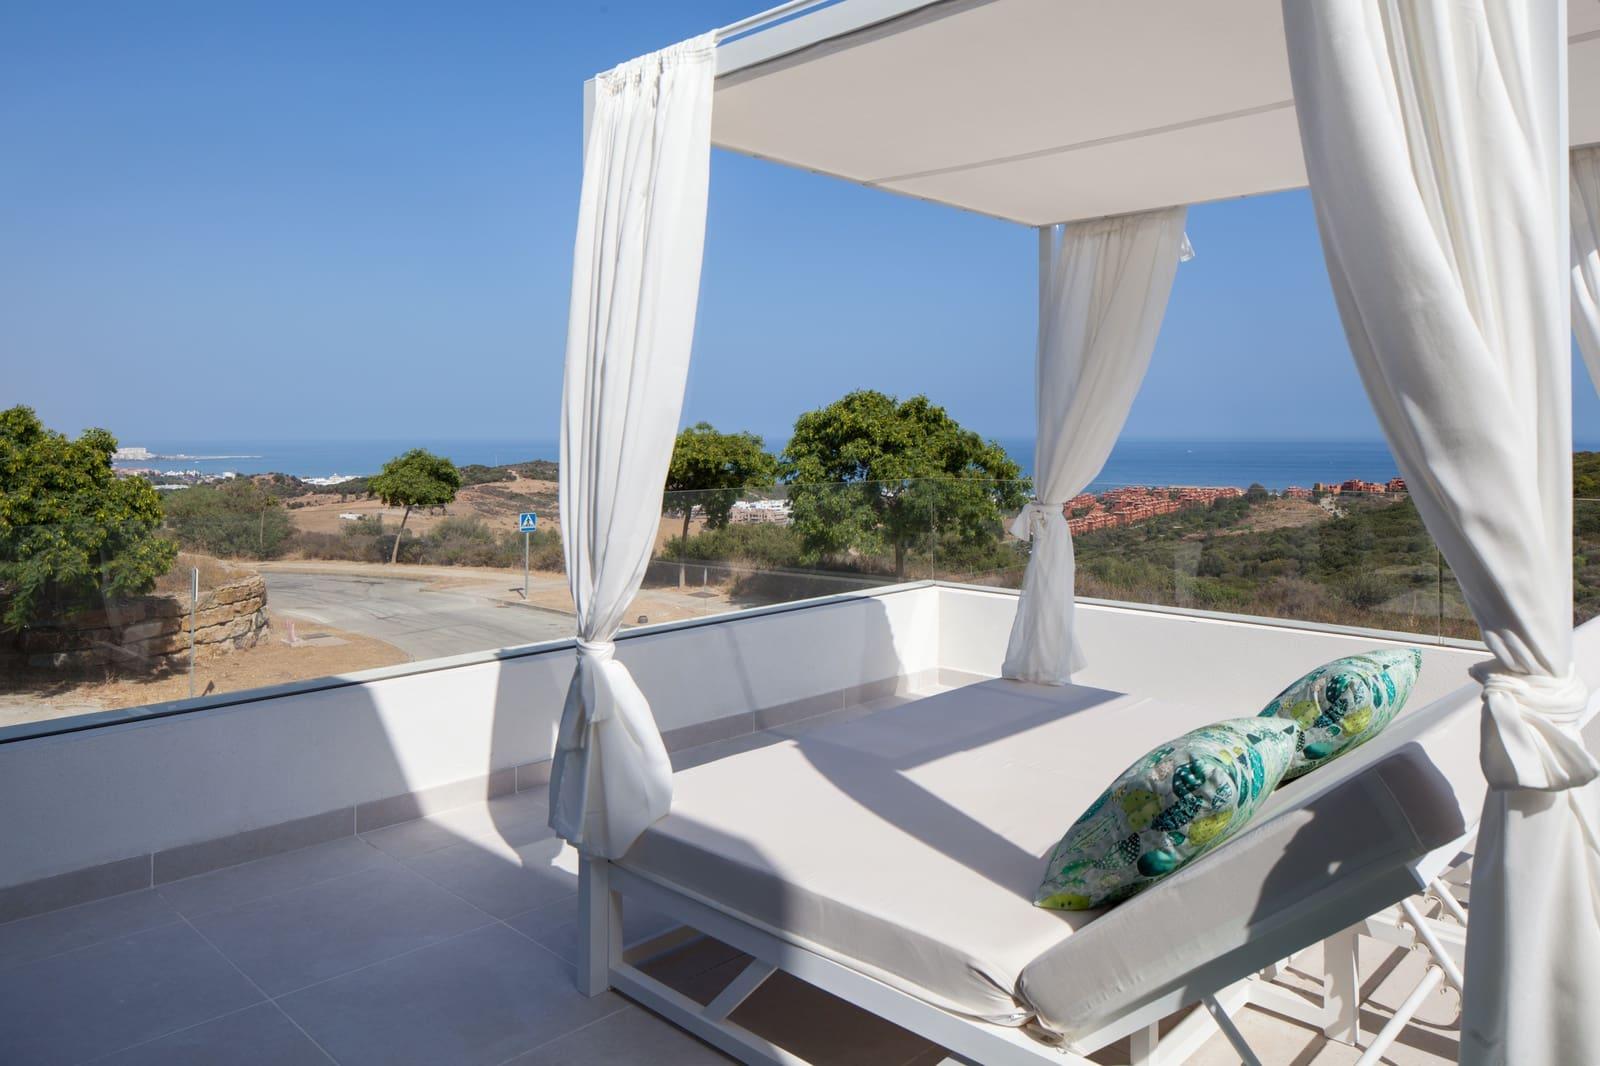 3 quarto Apartamento para venda em Casares com piscina - 625 000 € (Ref: 4058184)